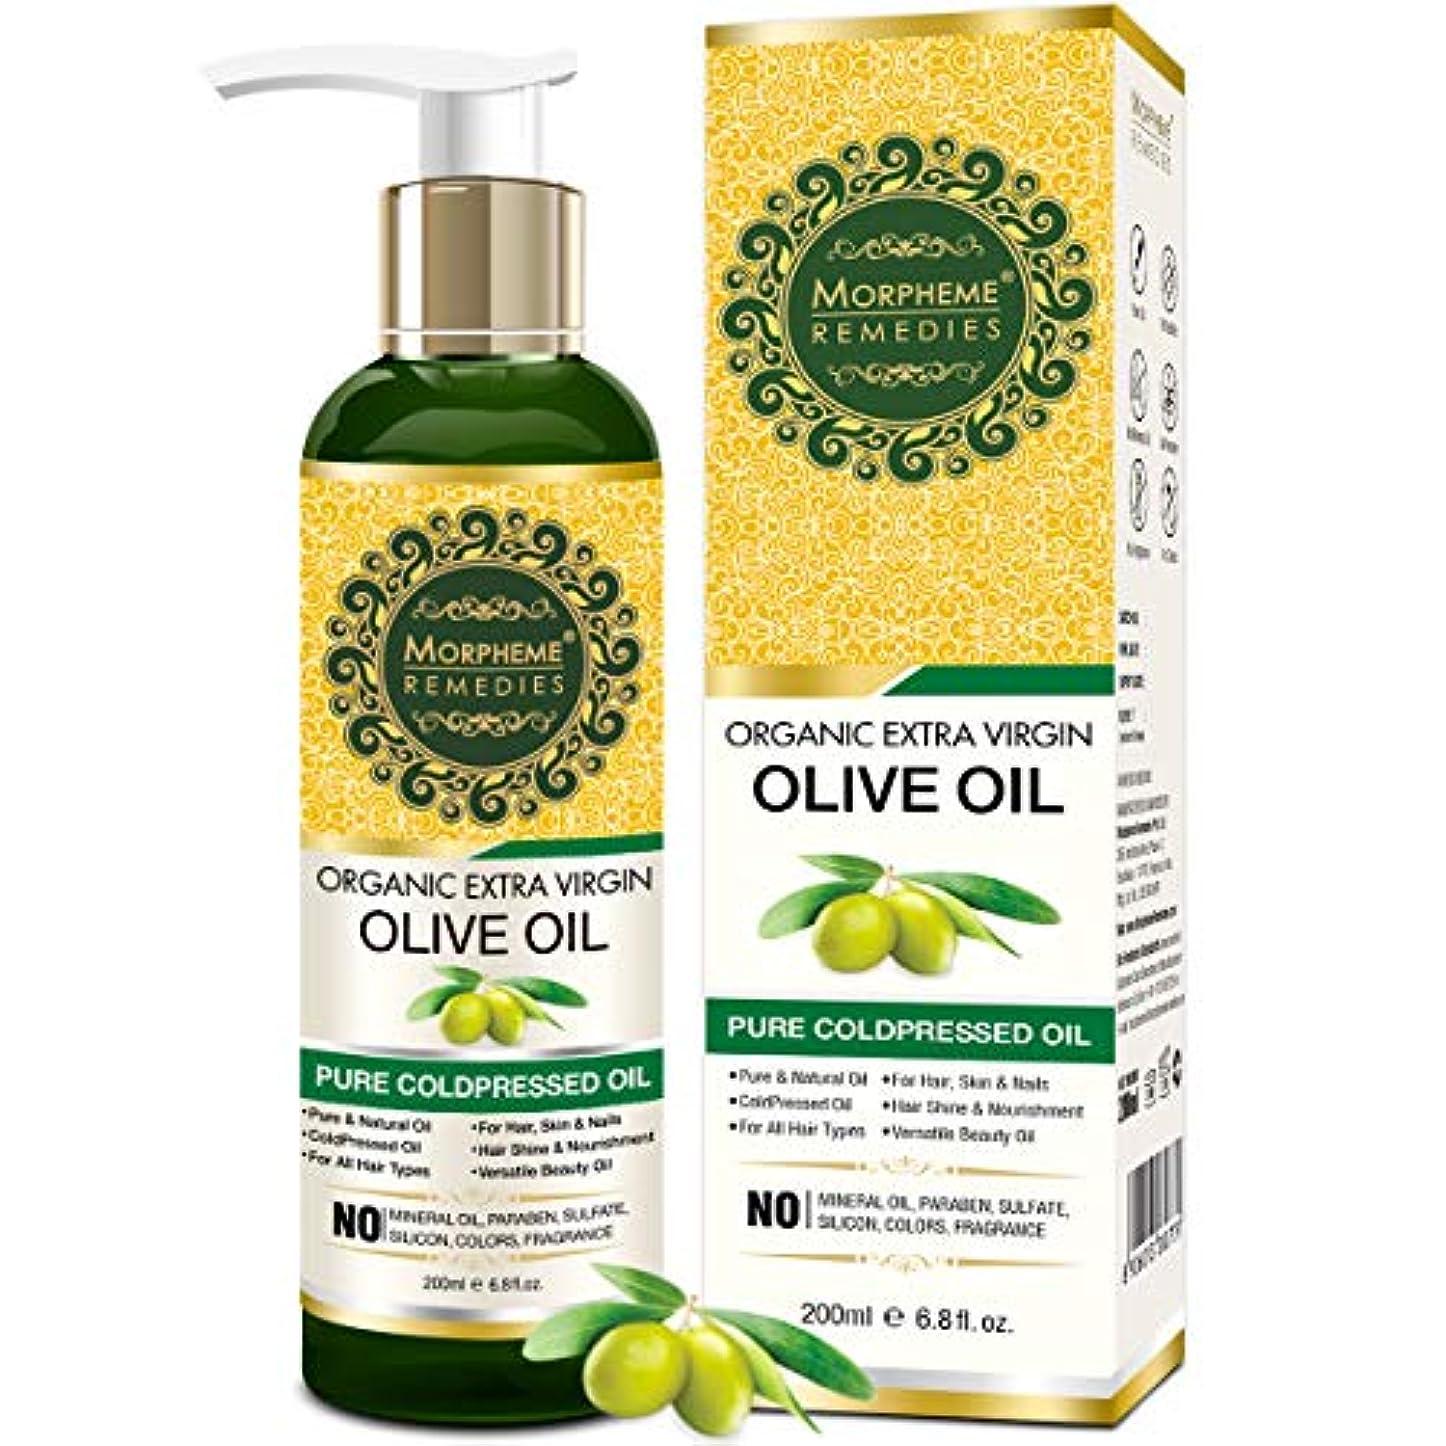 シリアル評判仕方Morpheme Remedies Organic Extra Virgin Olive Oil (Pure ColdPressed Oil) For Hair, Body, Skin Care, Massage, Eyelashes...